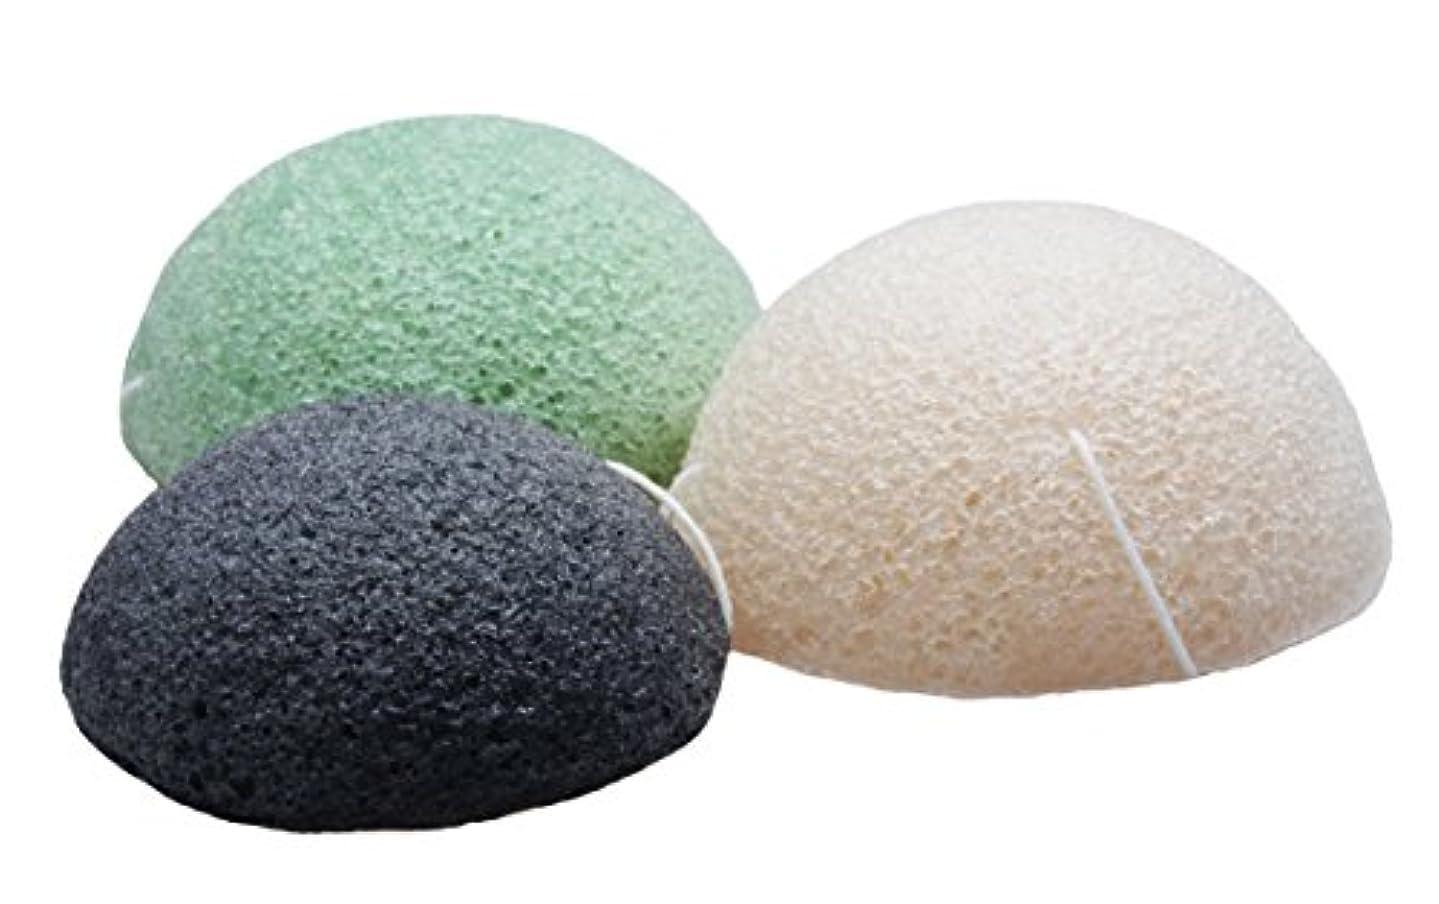 ひもオーロック意義Sinland こんにゃくスポンジ 蒟蒻洗顔マッサージパフ 3色セット 乳白 緑茶 竹炭